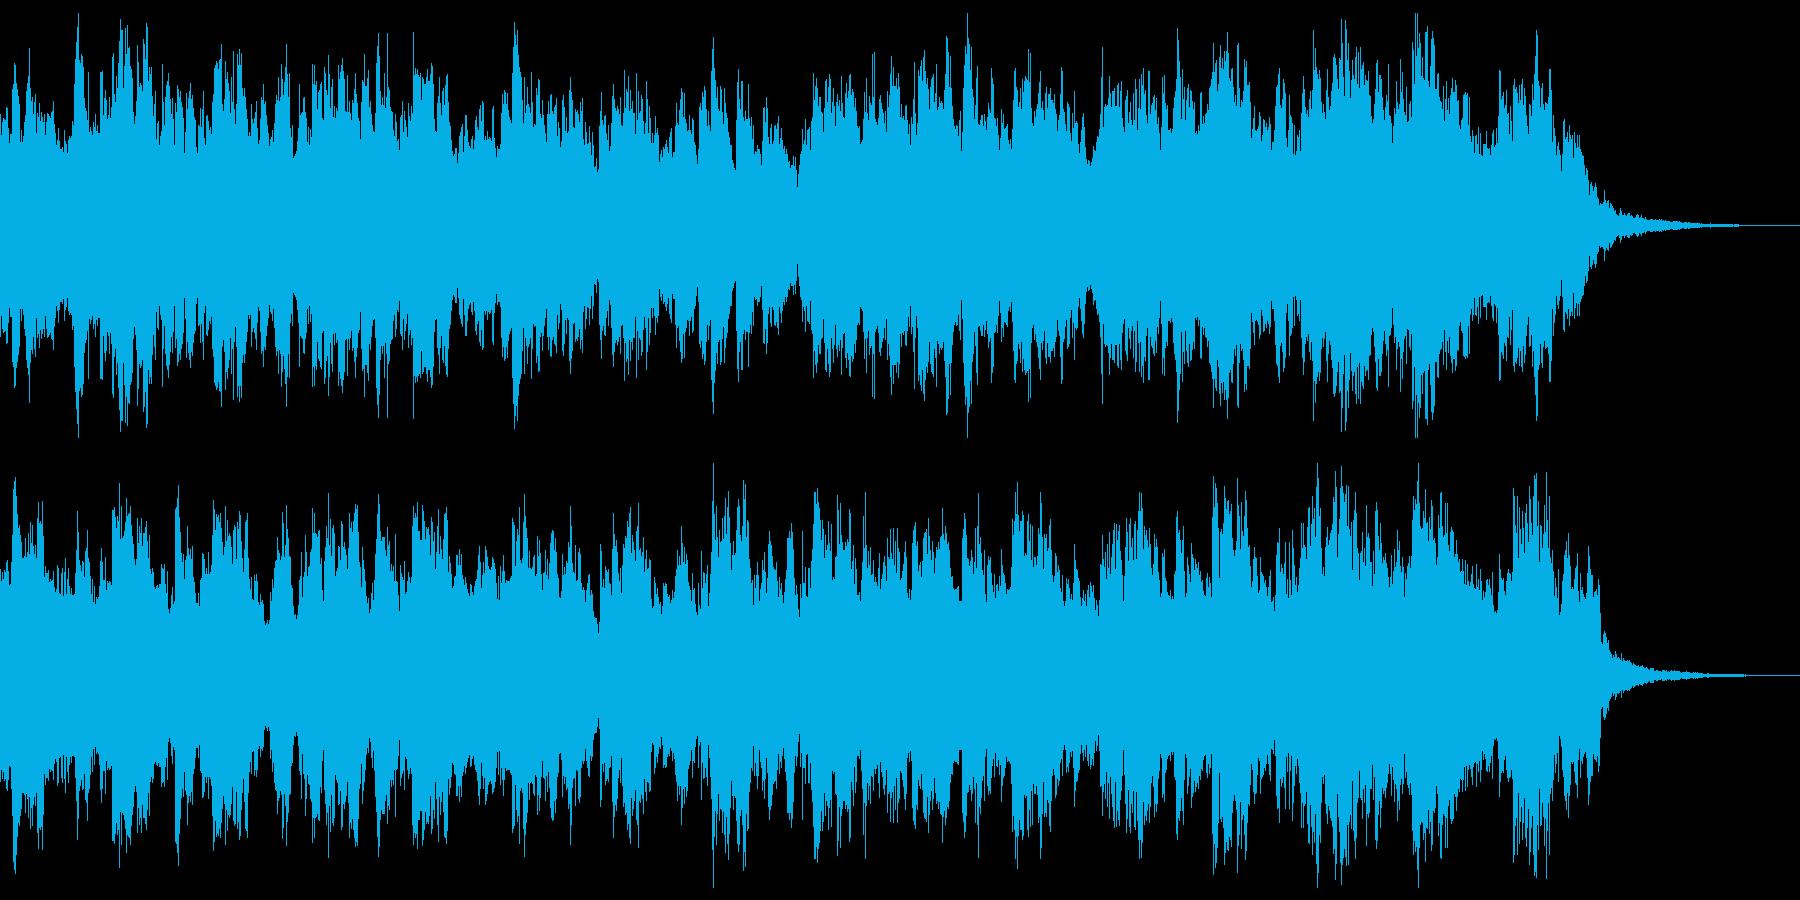 しっとりしたギターアンサンブルの再生済みの波形